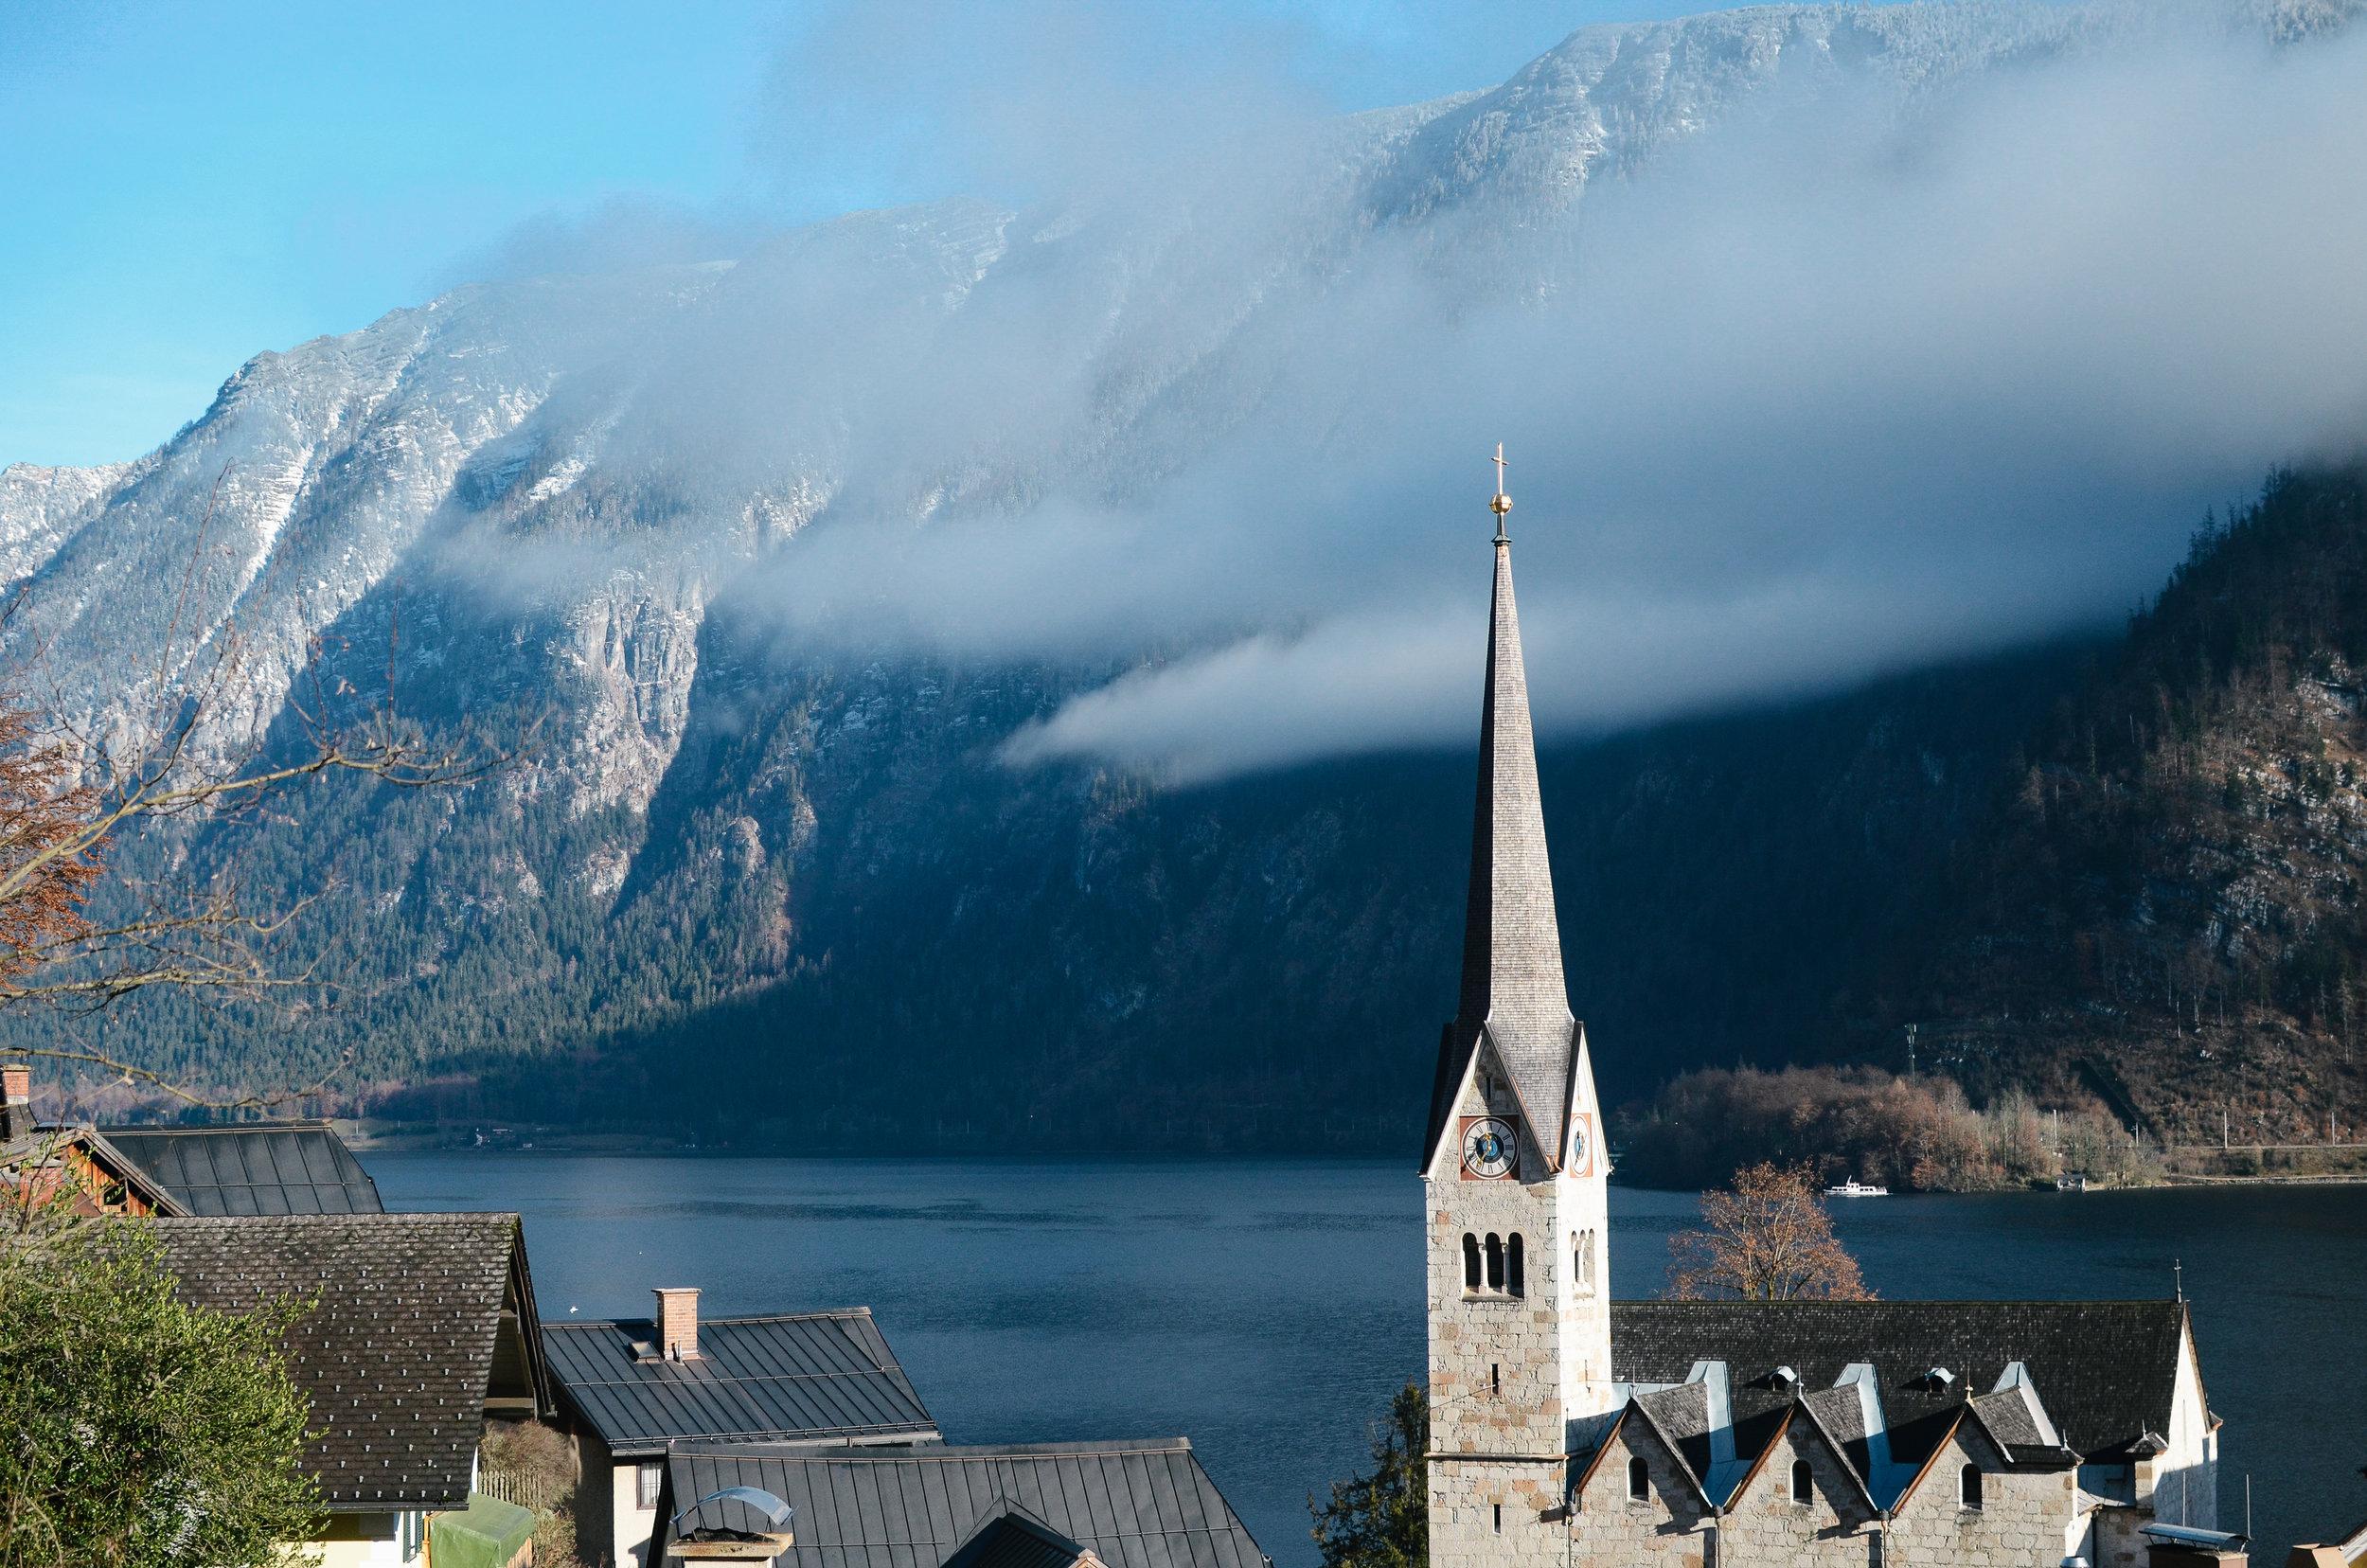 austria-halstatt-salzburg-travel-guide-lifeonpine_DSC_1860.jpg